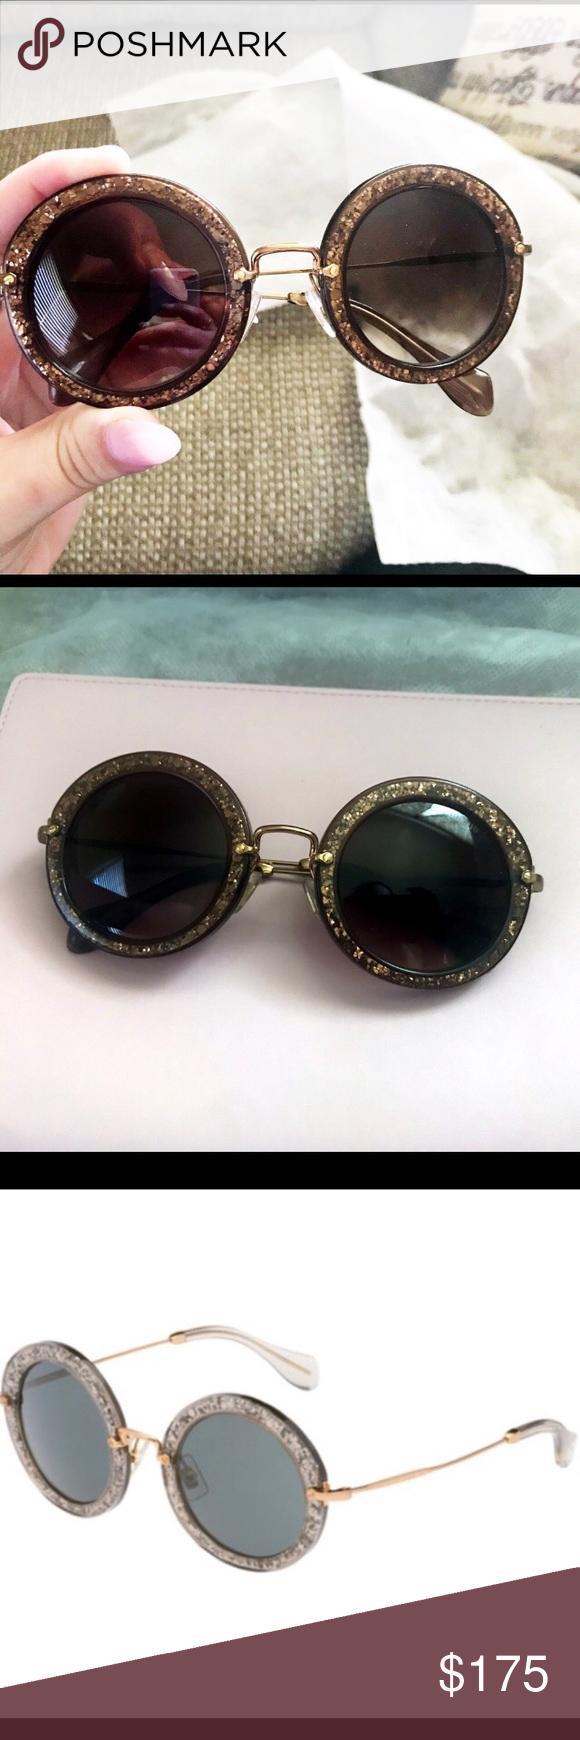 780b50bff5f MiU MiU DEADSTOCK Round Glitter Sunglasses Authentic Miu Miu SOLD OUT  EVERYWHERE- as